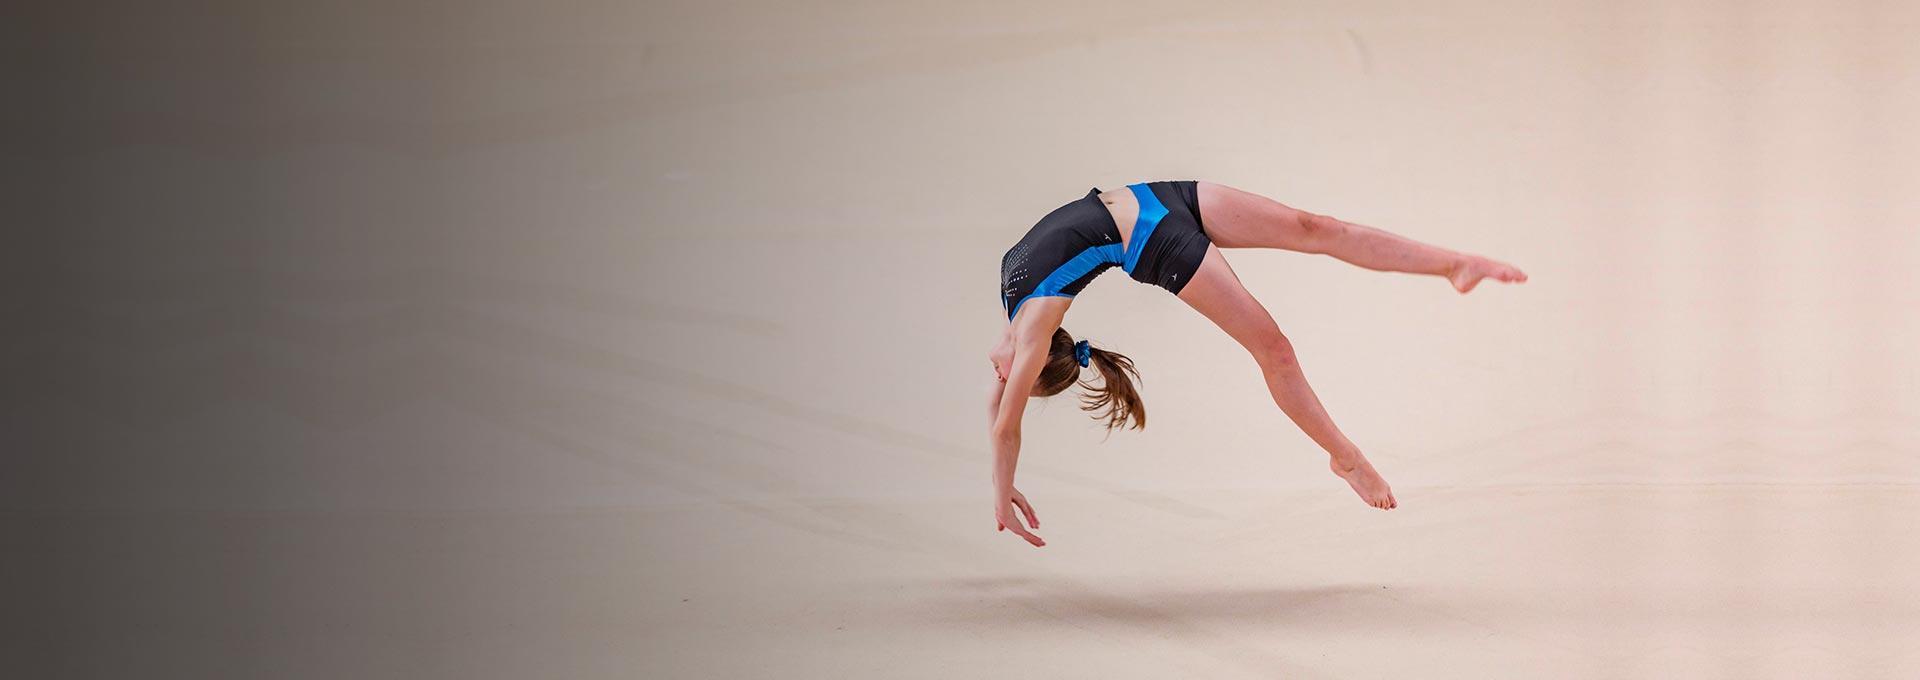 Sélection 2019 2010 Gym artistique féminine